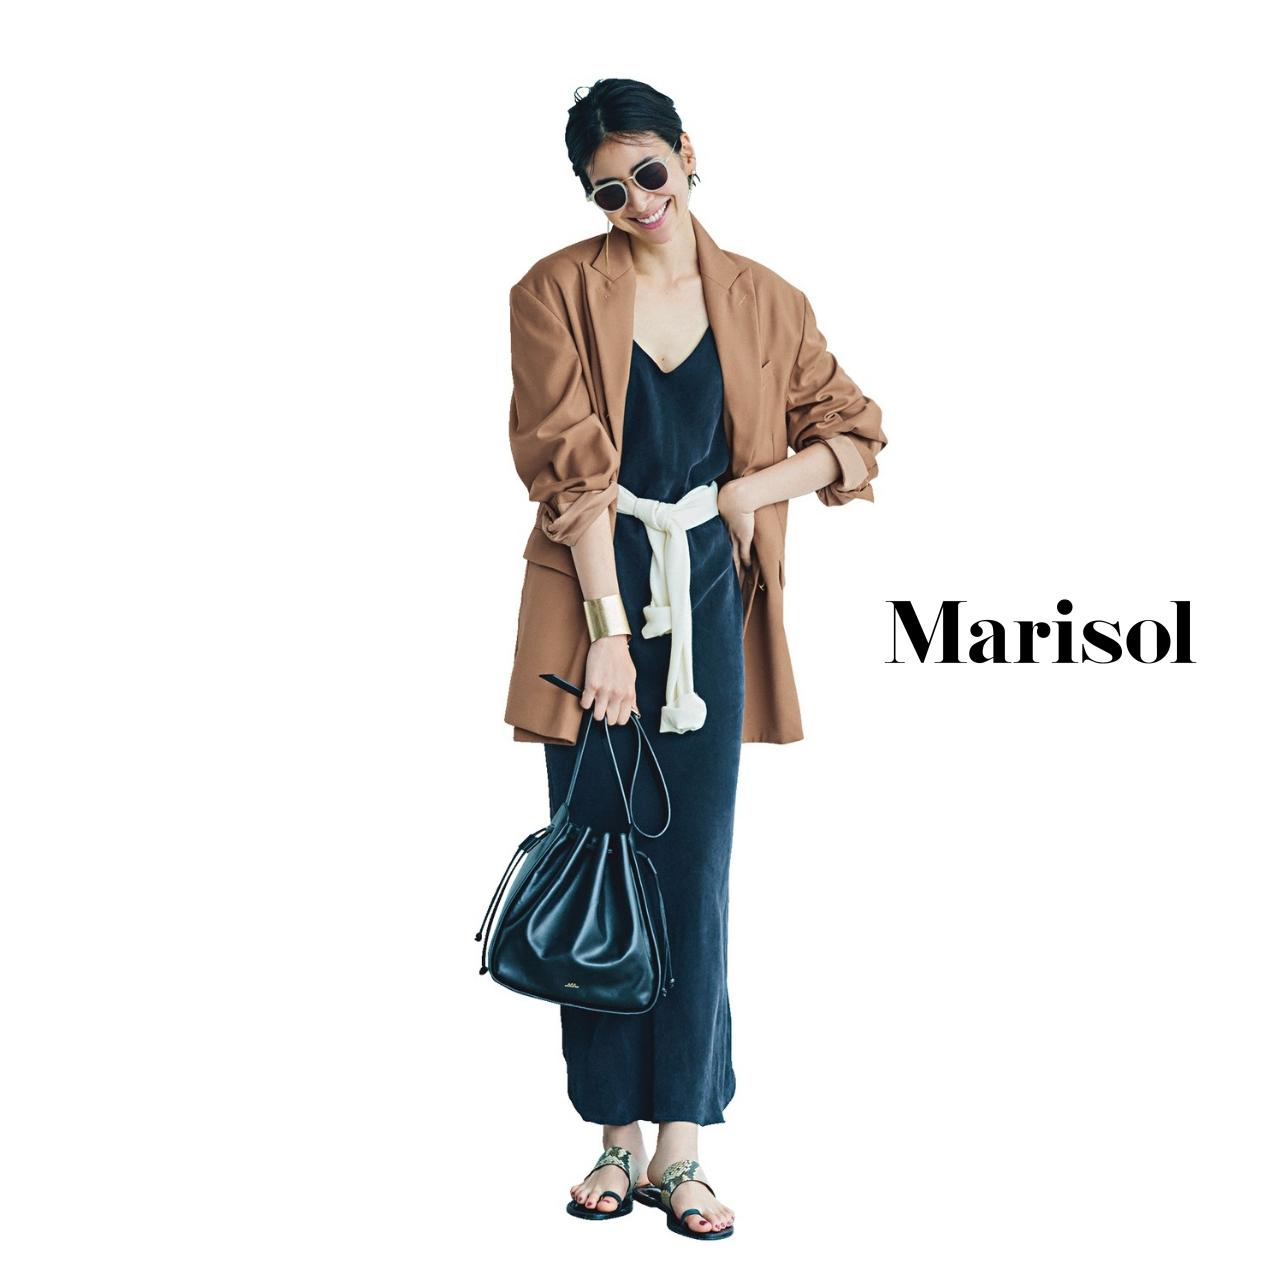 40代ファッション ベージュジャケット×黒ワンピース×白ニット コーデ